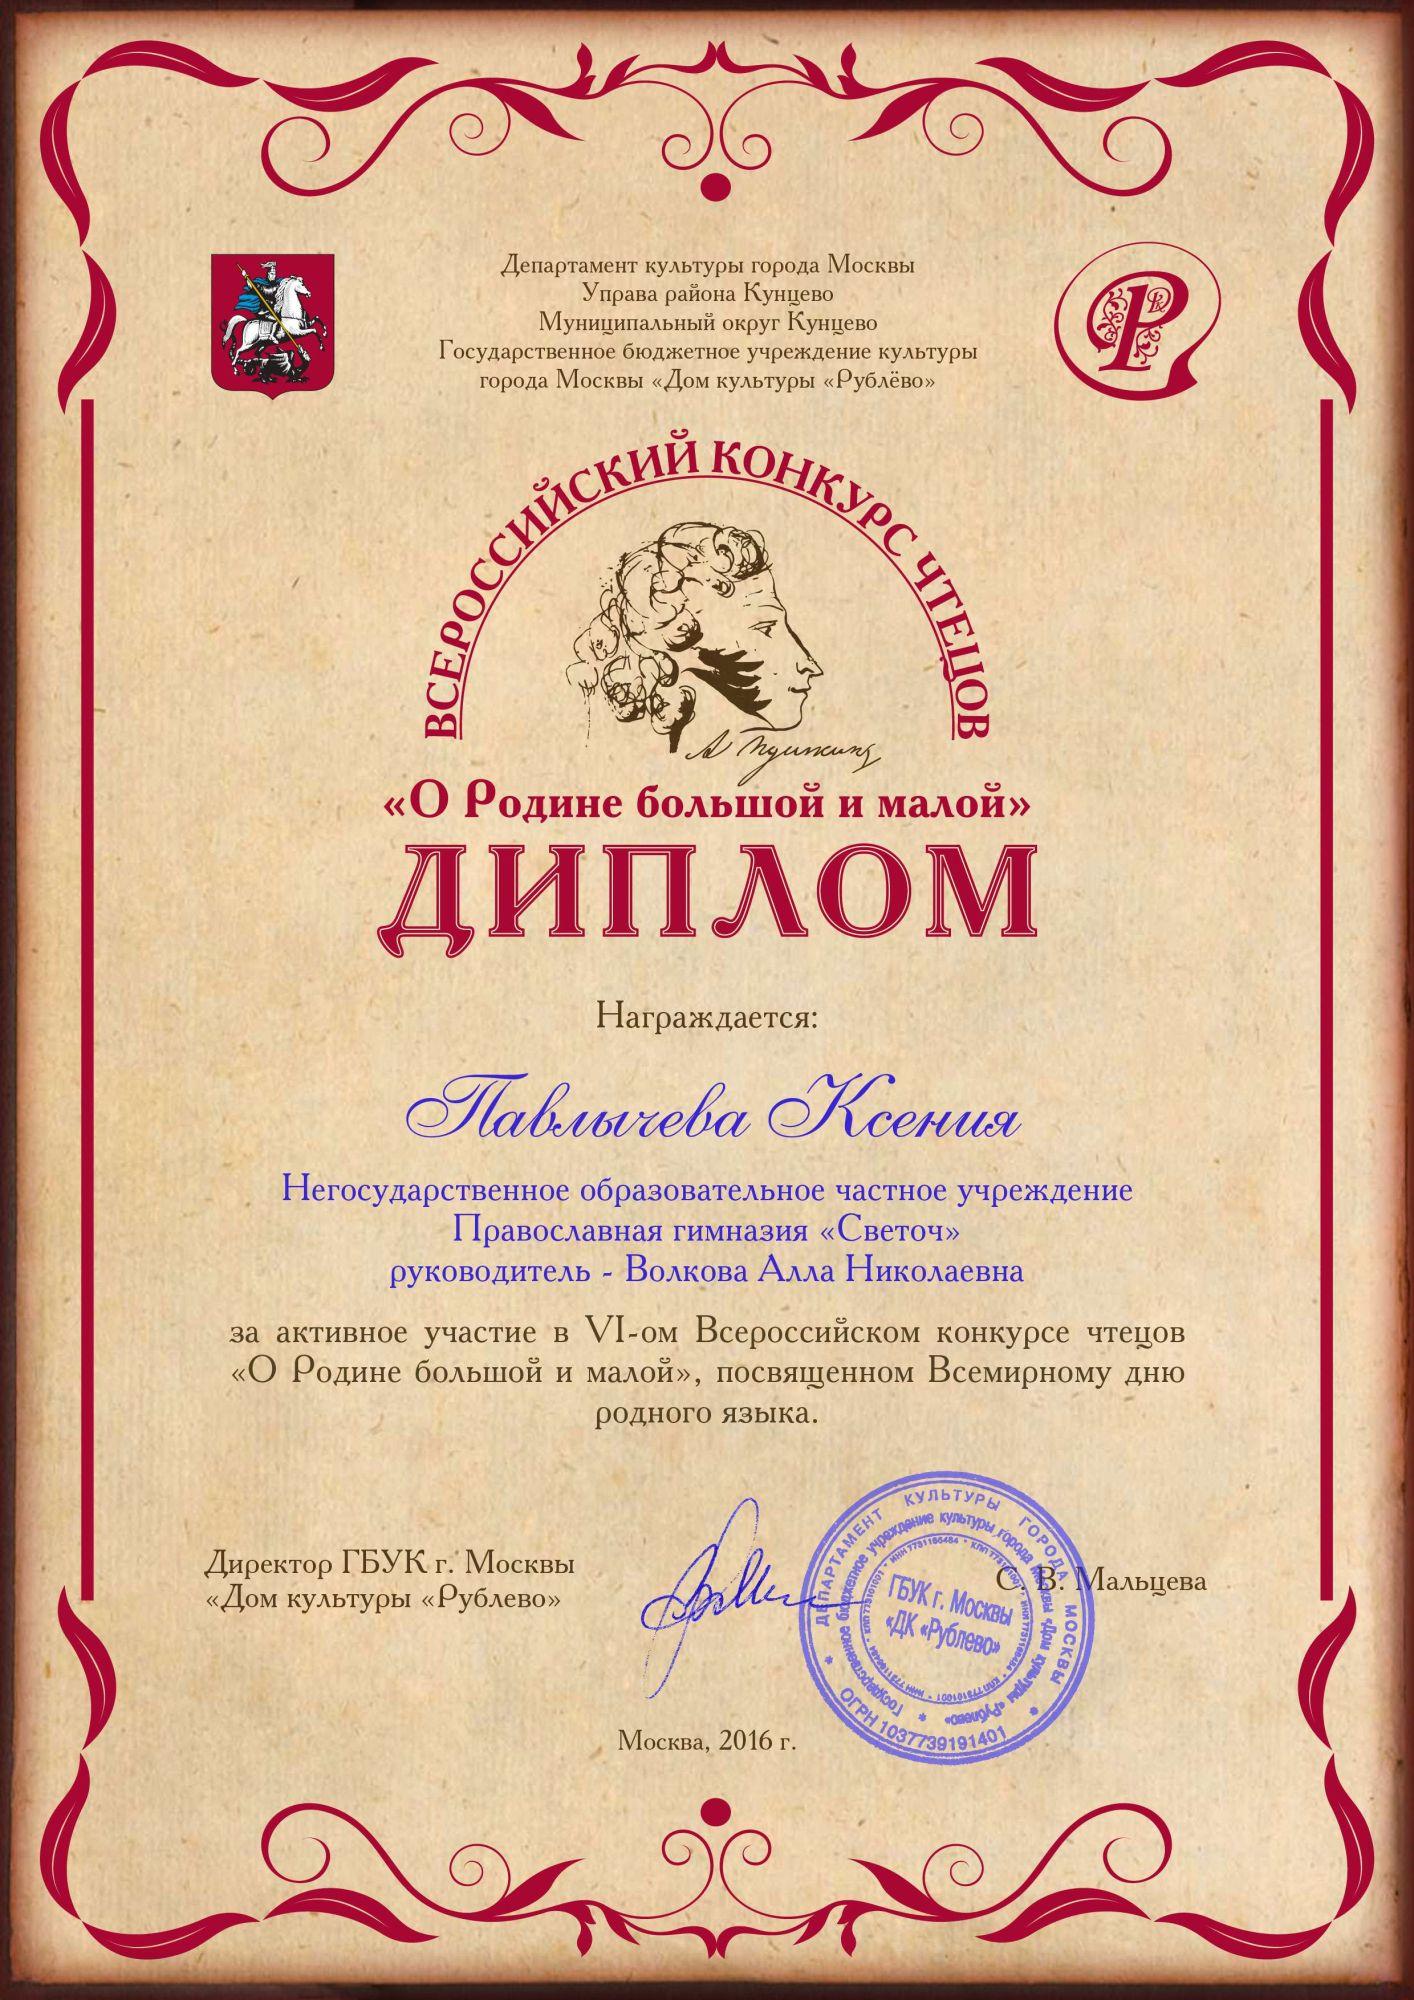 Конкурс лукоморье всероссийский